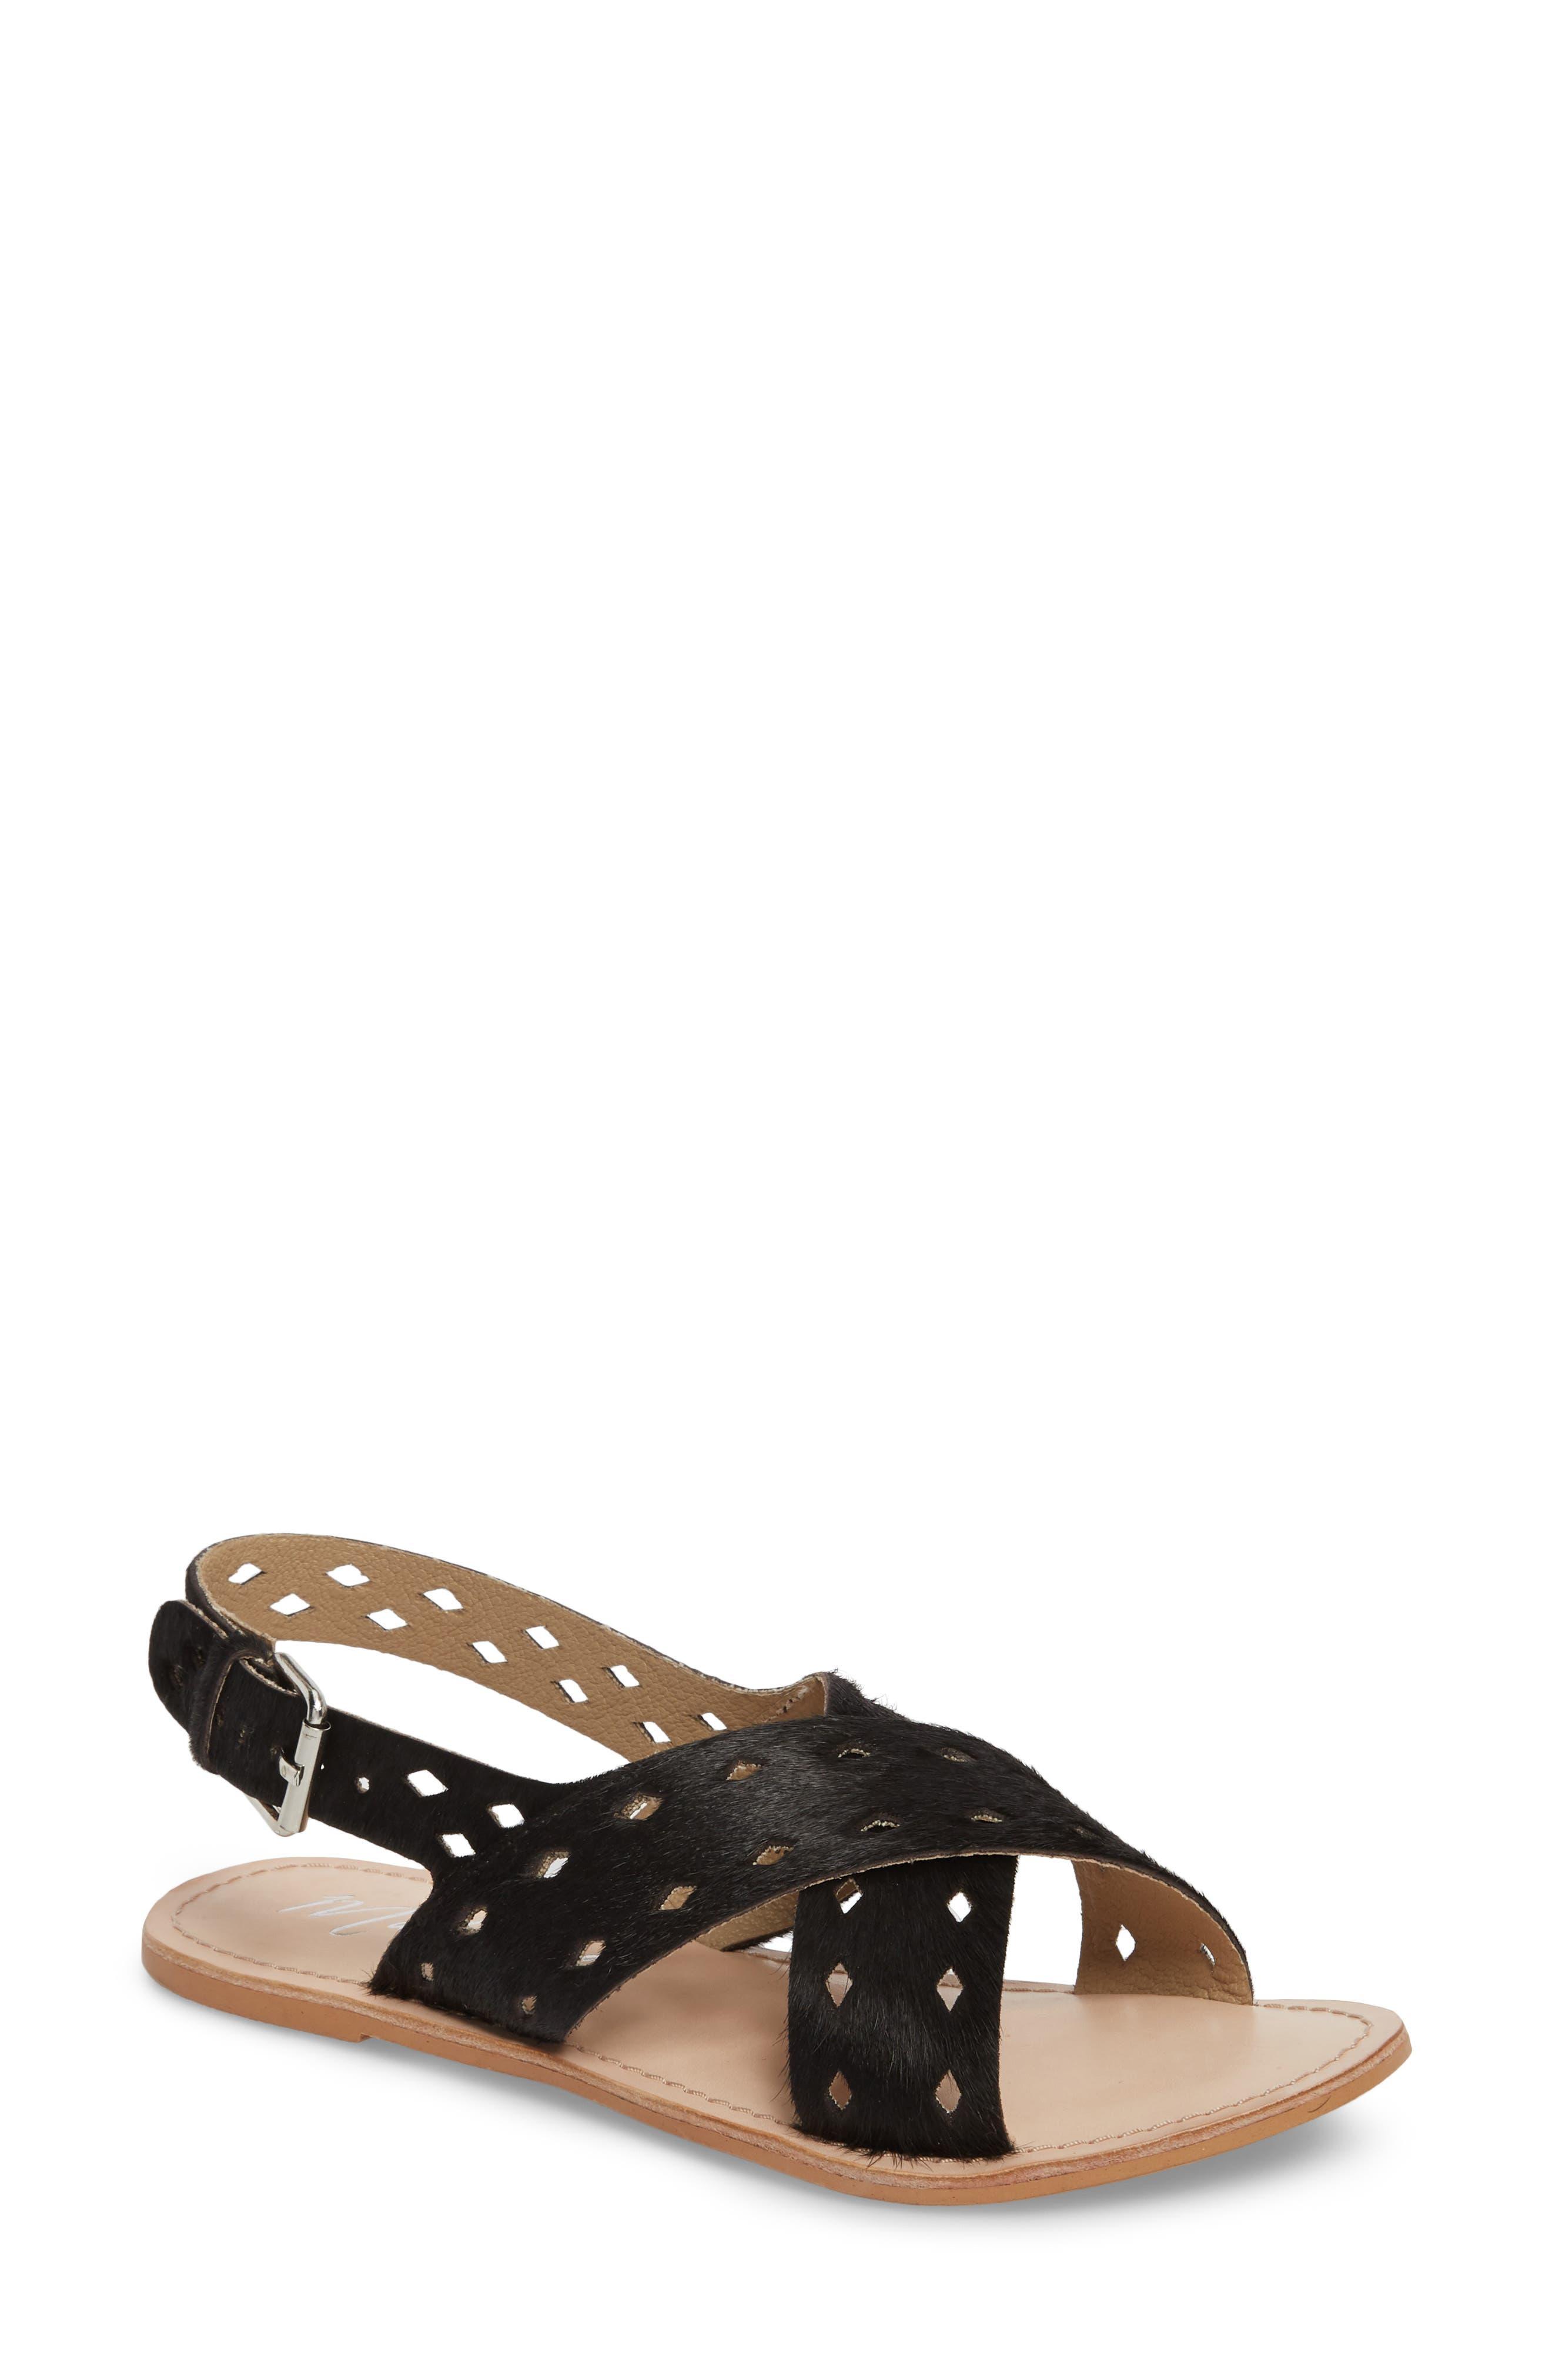 Matisse Whistler Sandal, Black